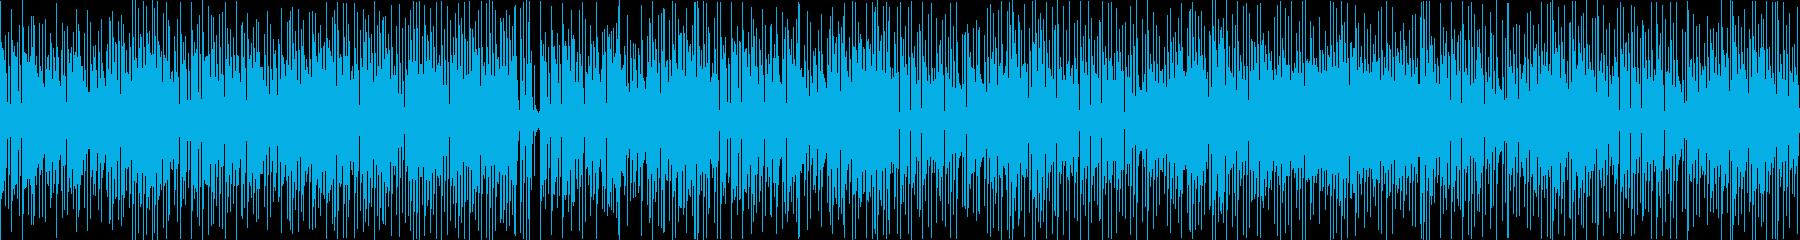 ウキウキするお洒落カワイイ曲(ループの再生済みの波形